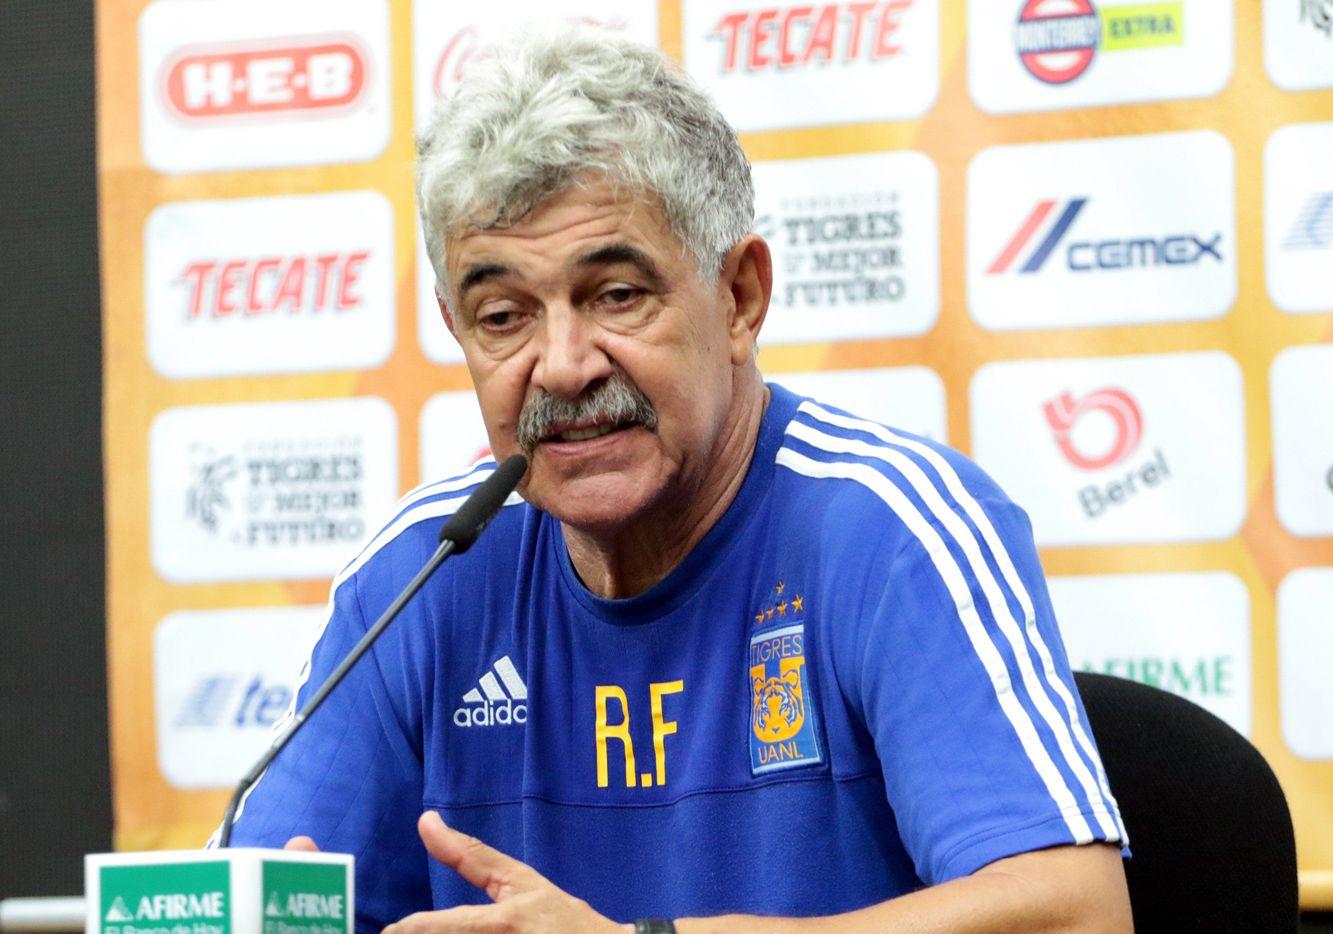 El entrenador de Tigres, Ricardo Ferretti, ha llevado al equipo a ganar cinco títulos en la Liga MX.